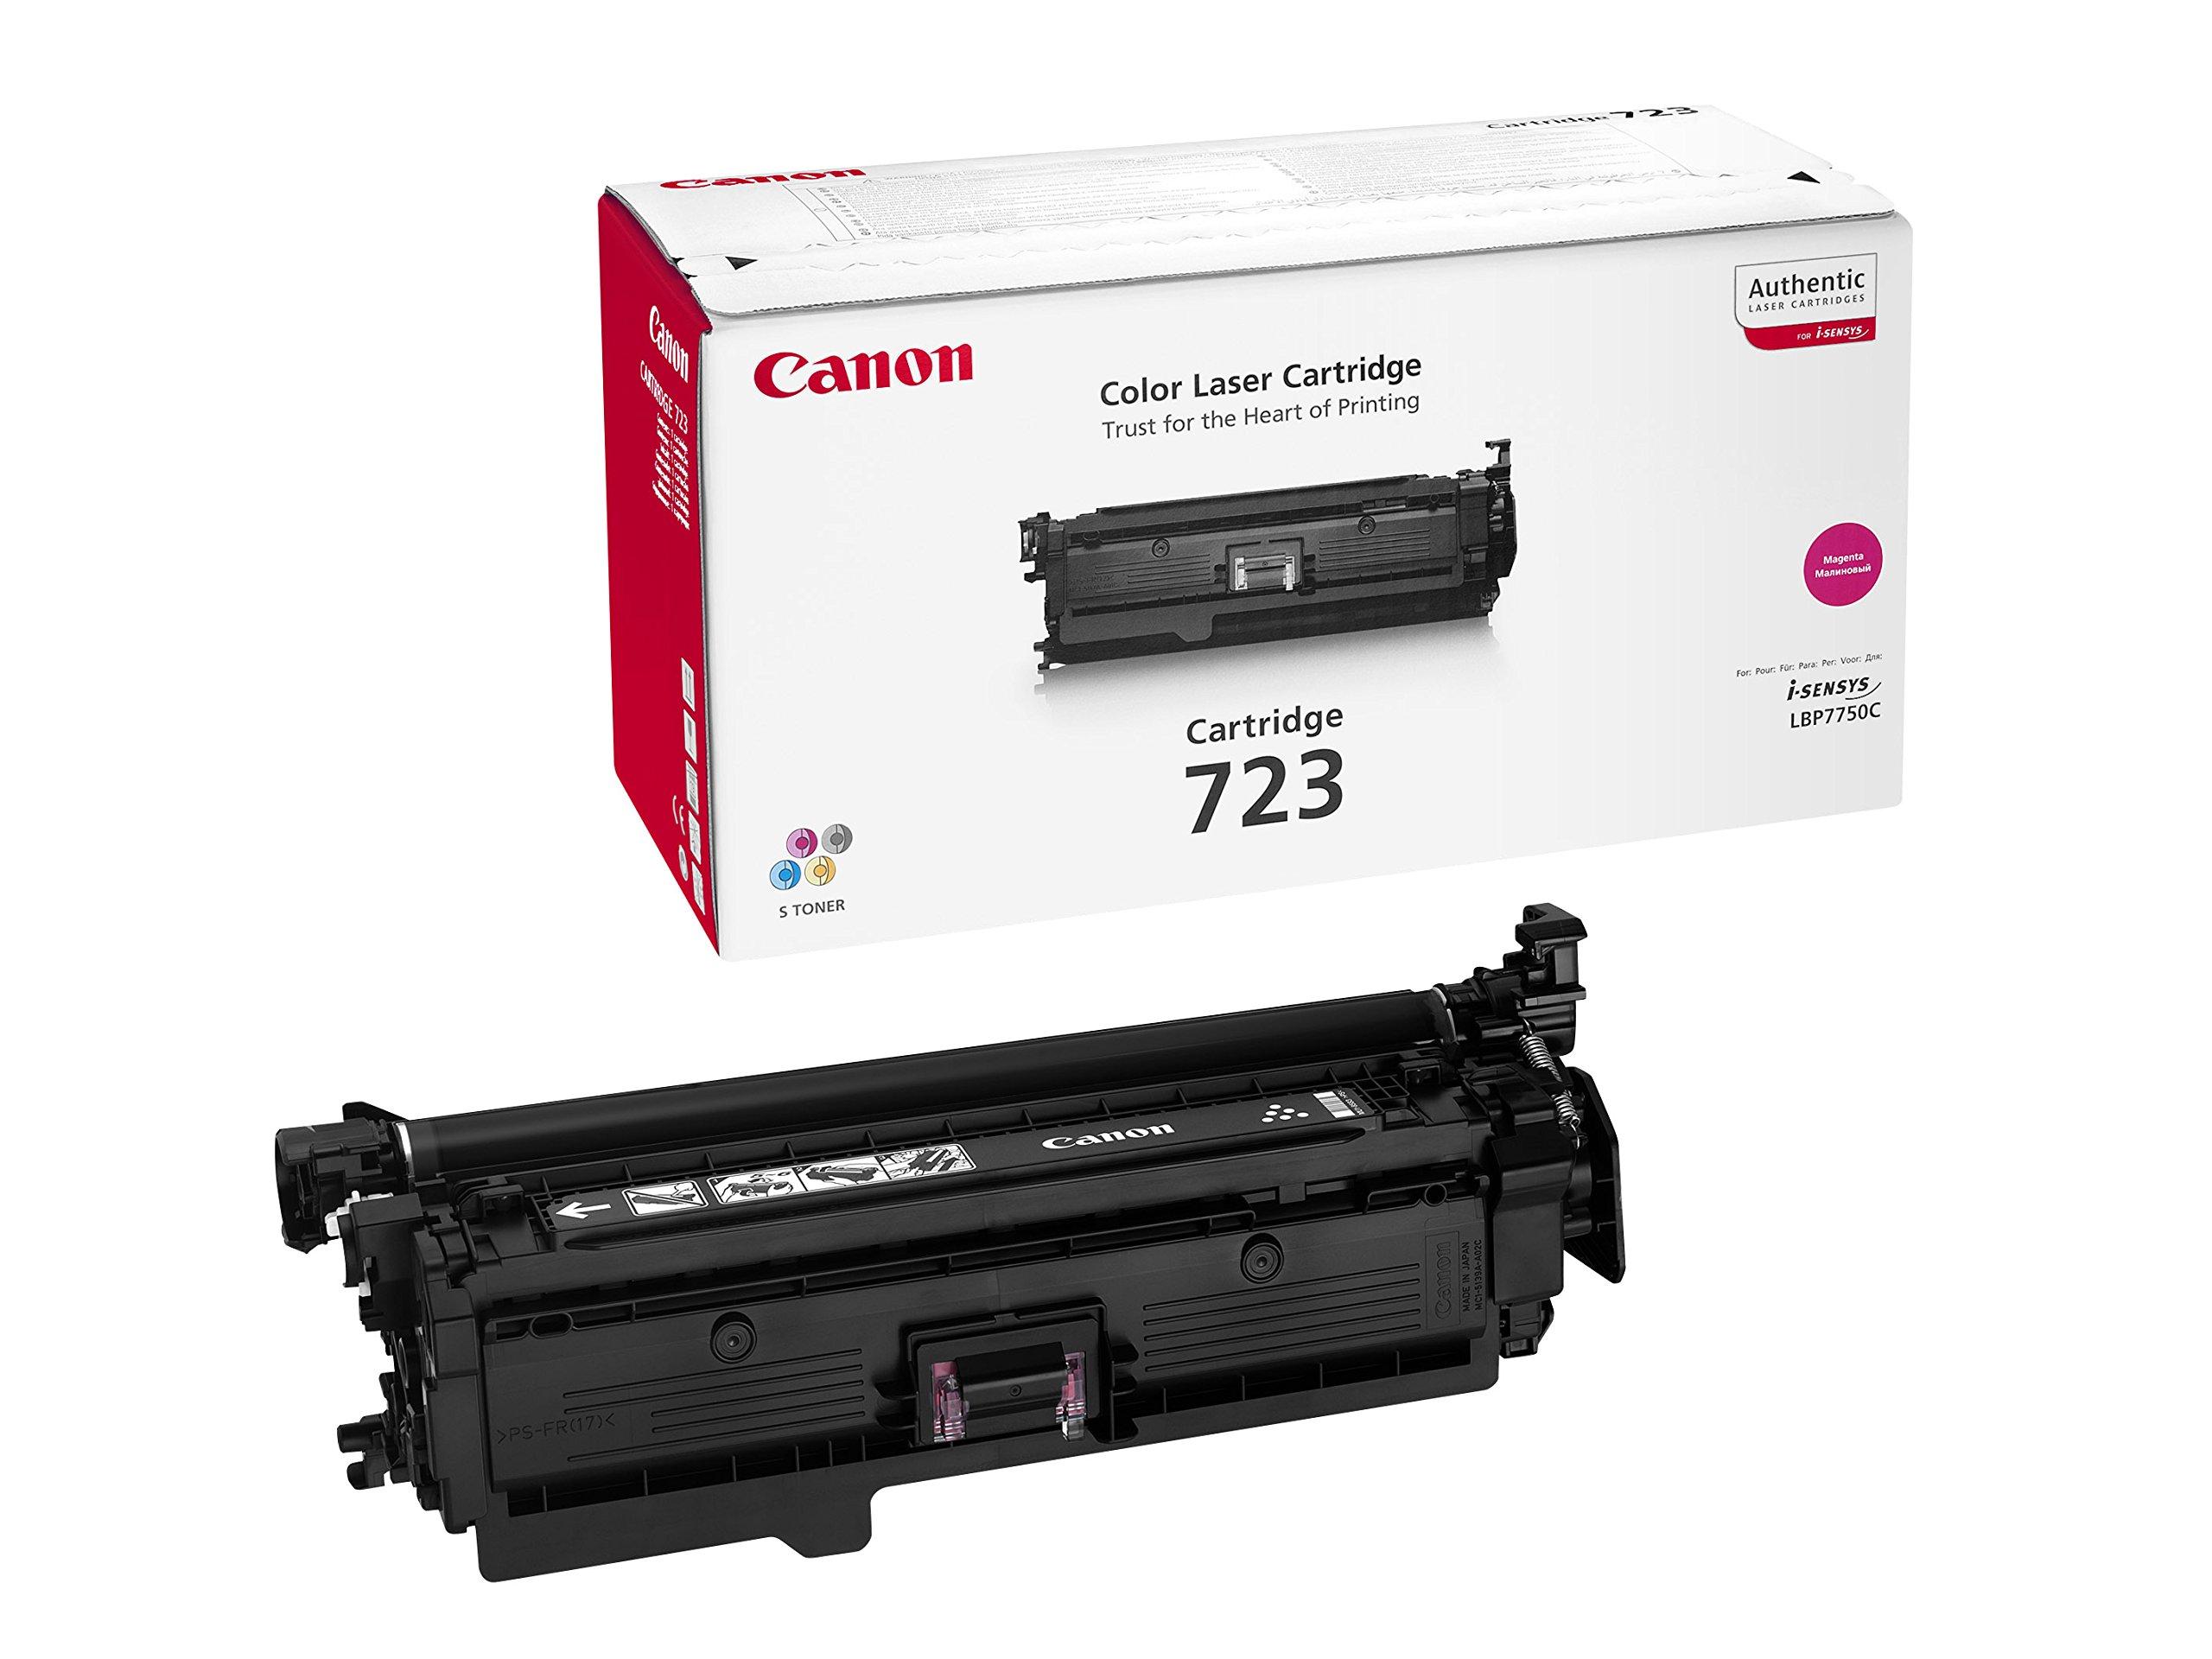 Canon-2641B002-723-Tonerkartusche-8500-Seiten